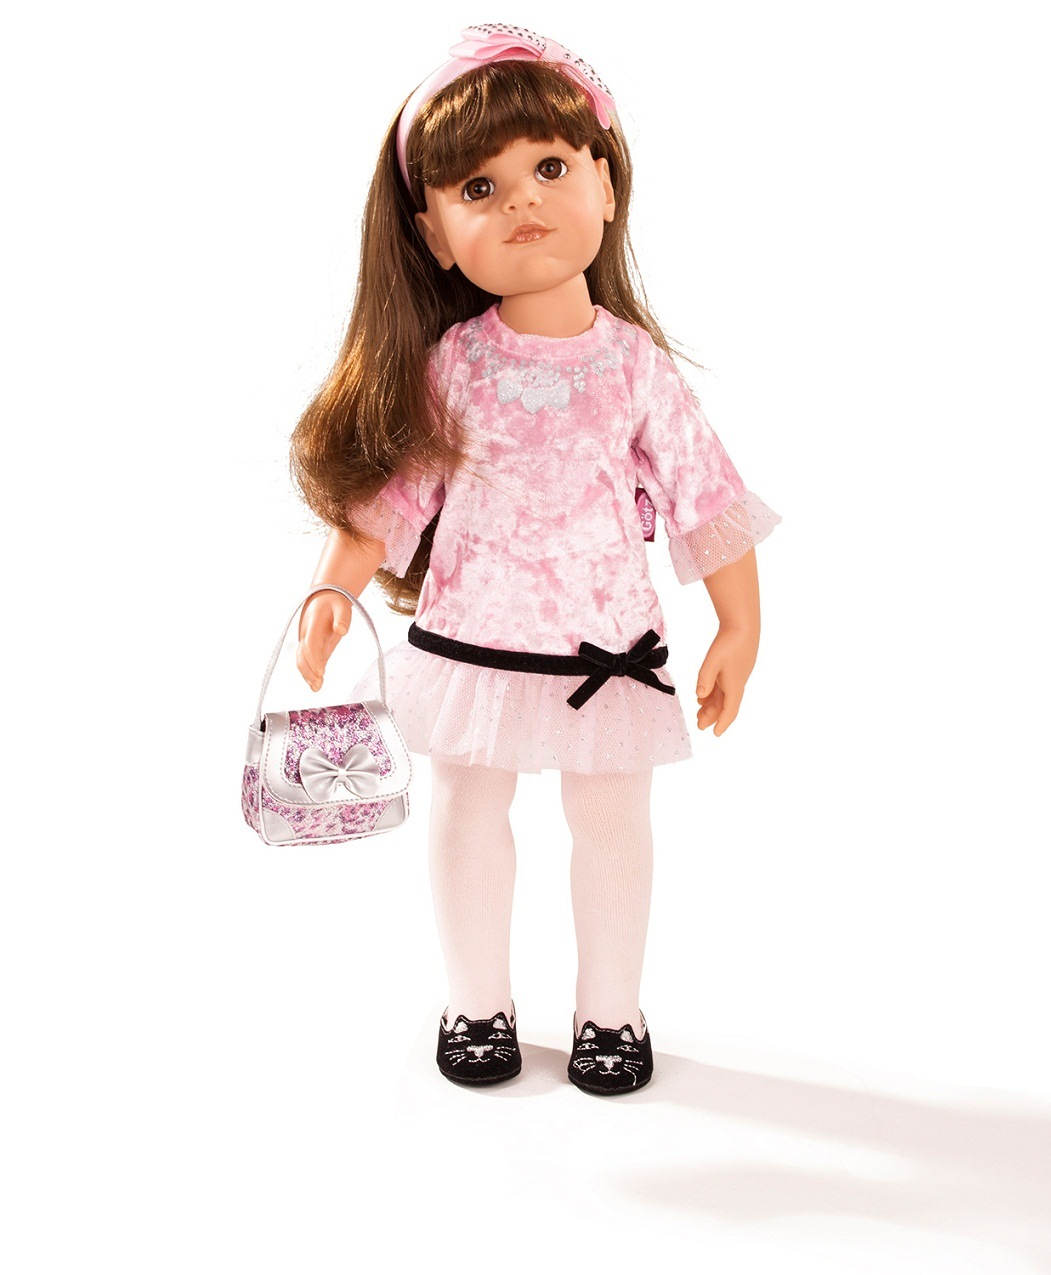 Кукла Ханна-именинница, 50 смКуклы Gotz (Гетц)<br>Кукла Ханна-именинница, 50 см<br>